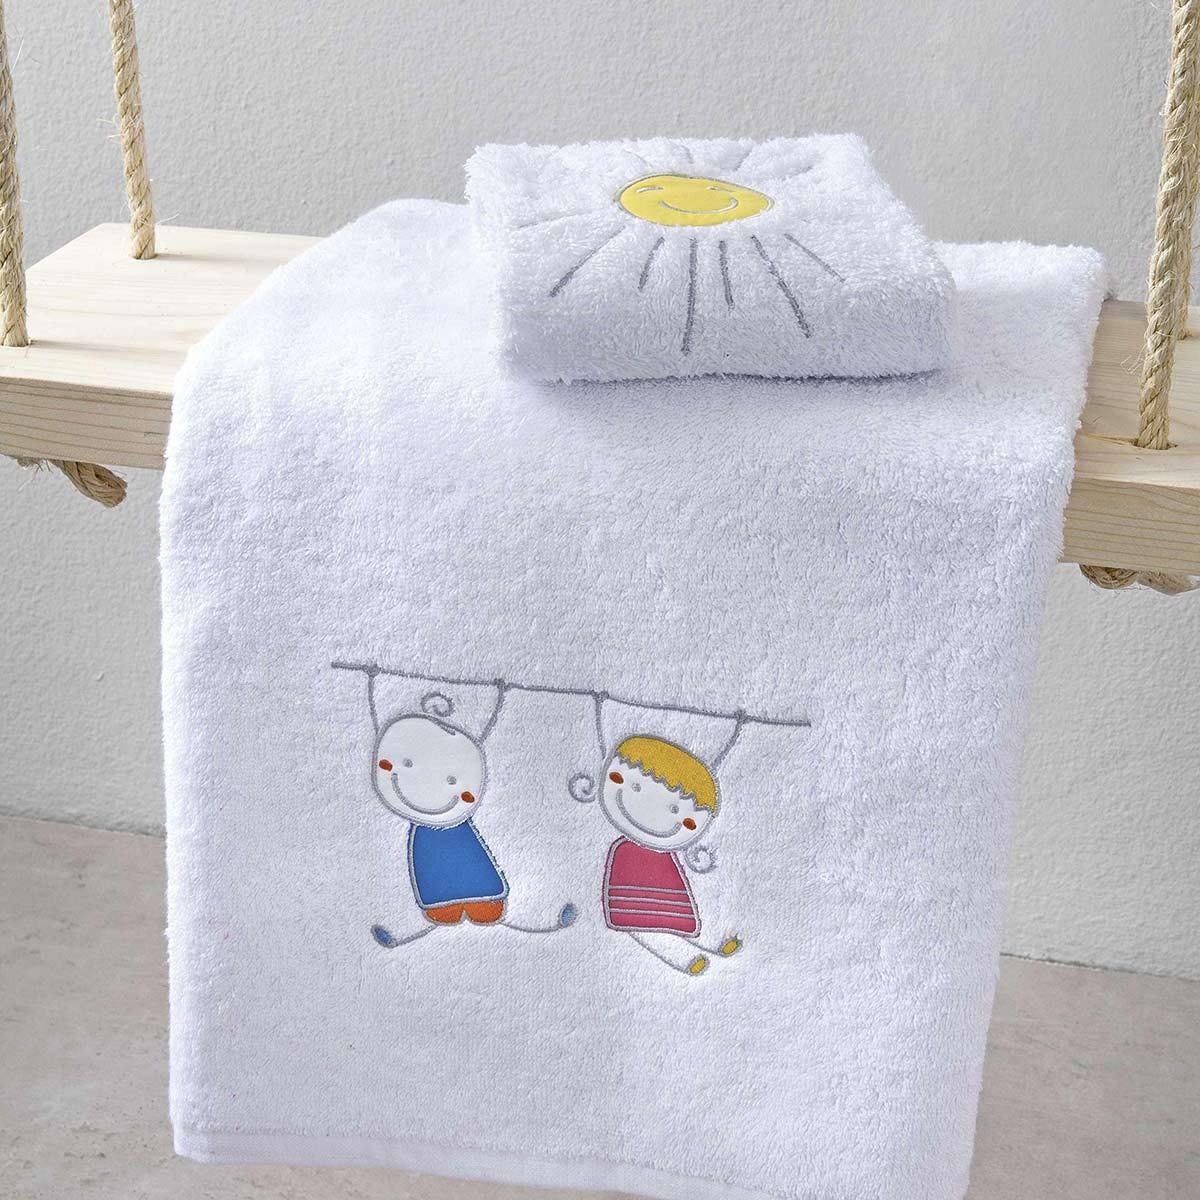 Παιδικές Πετσέτες (Σετ 2τμχ) Nima Kids Yippee